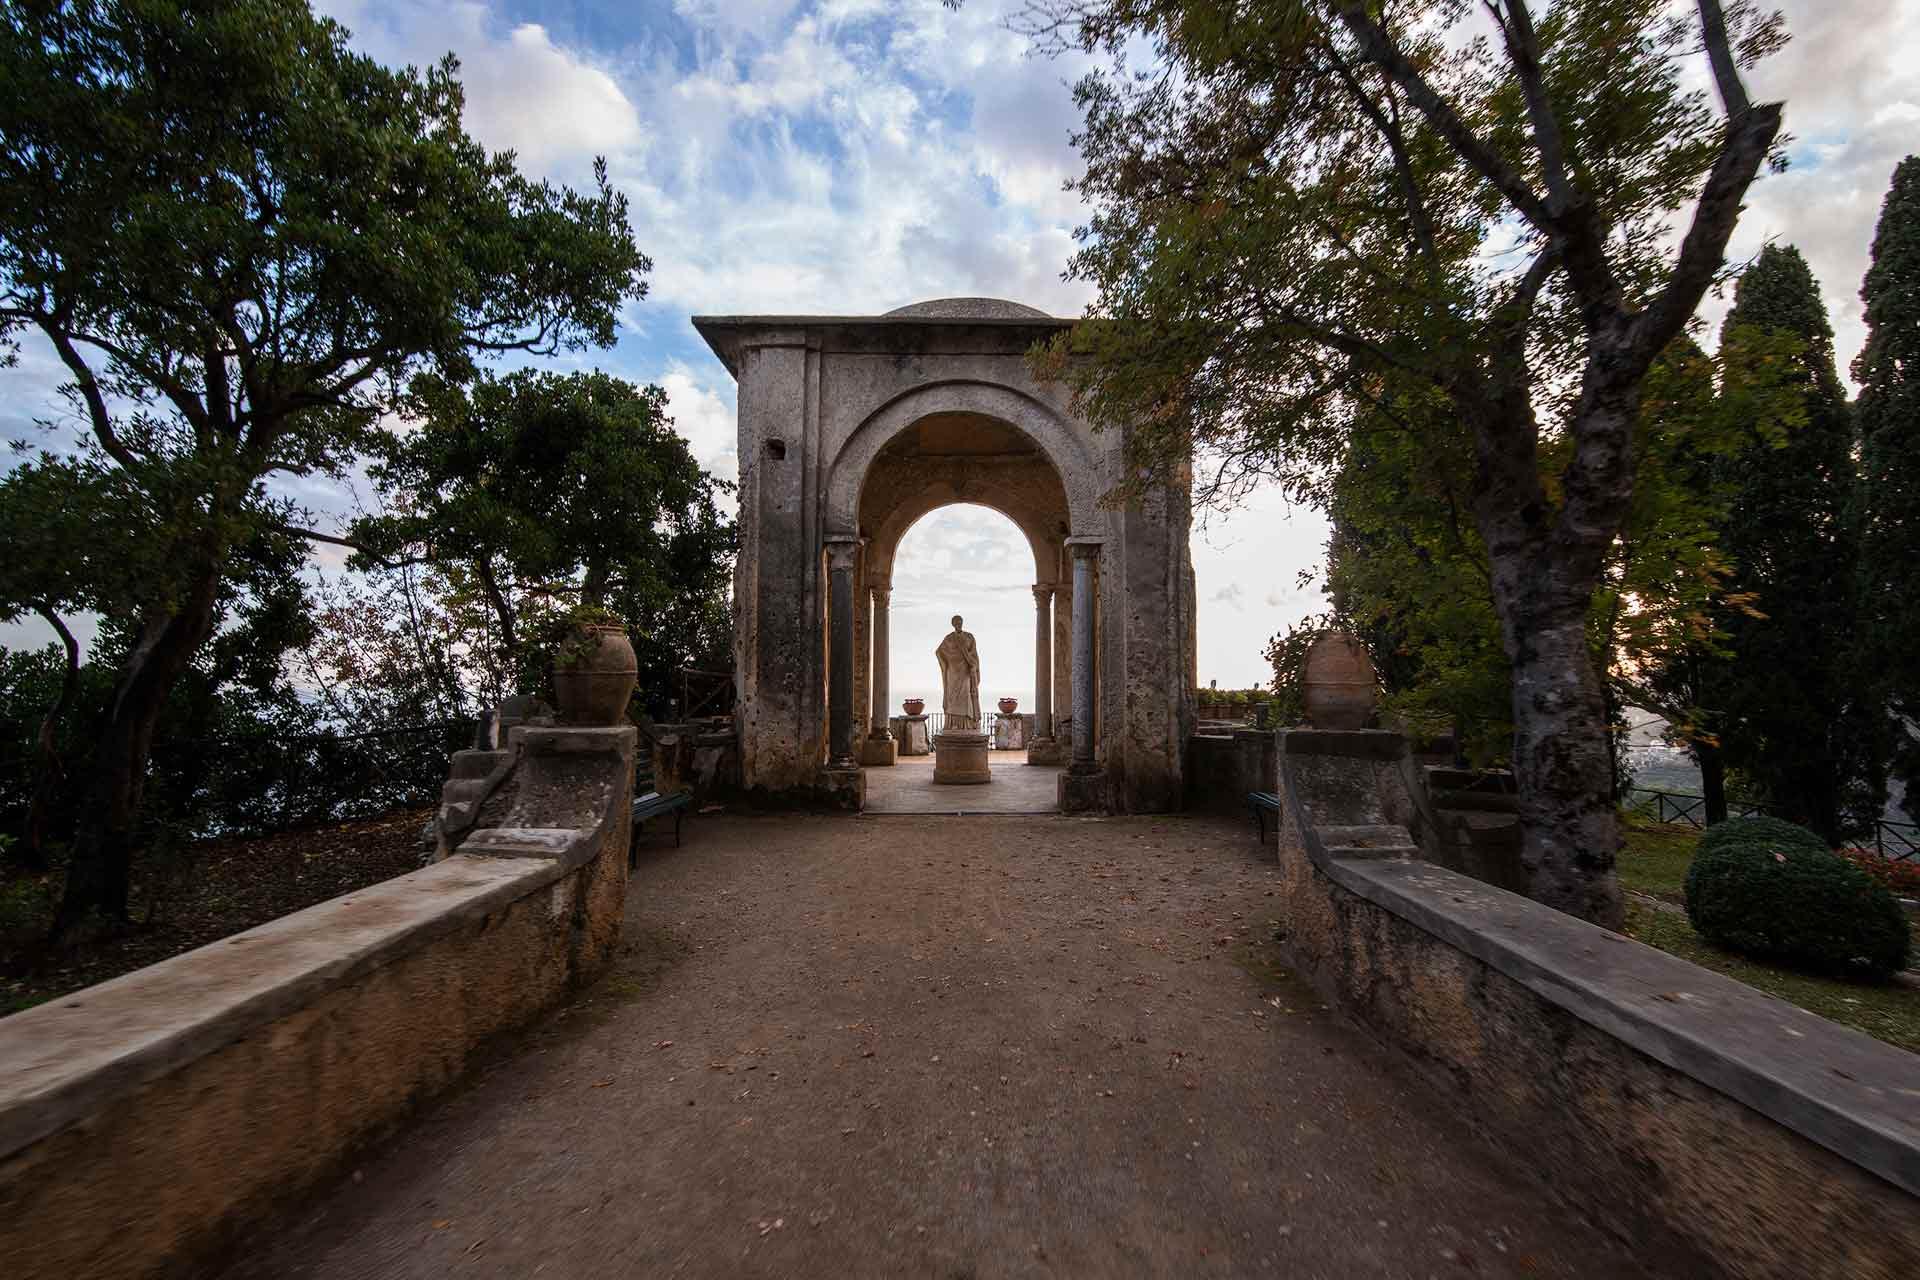 Monumenro di Villa Cimbrone